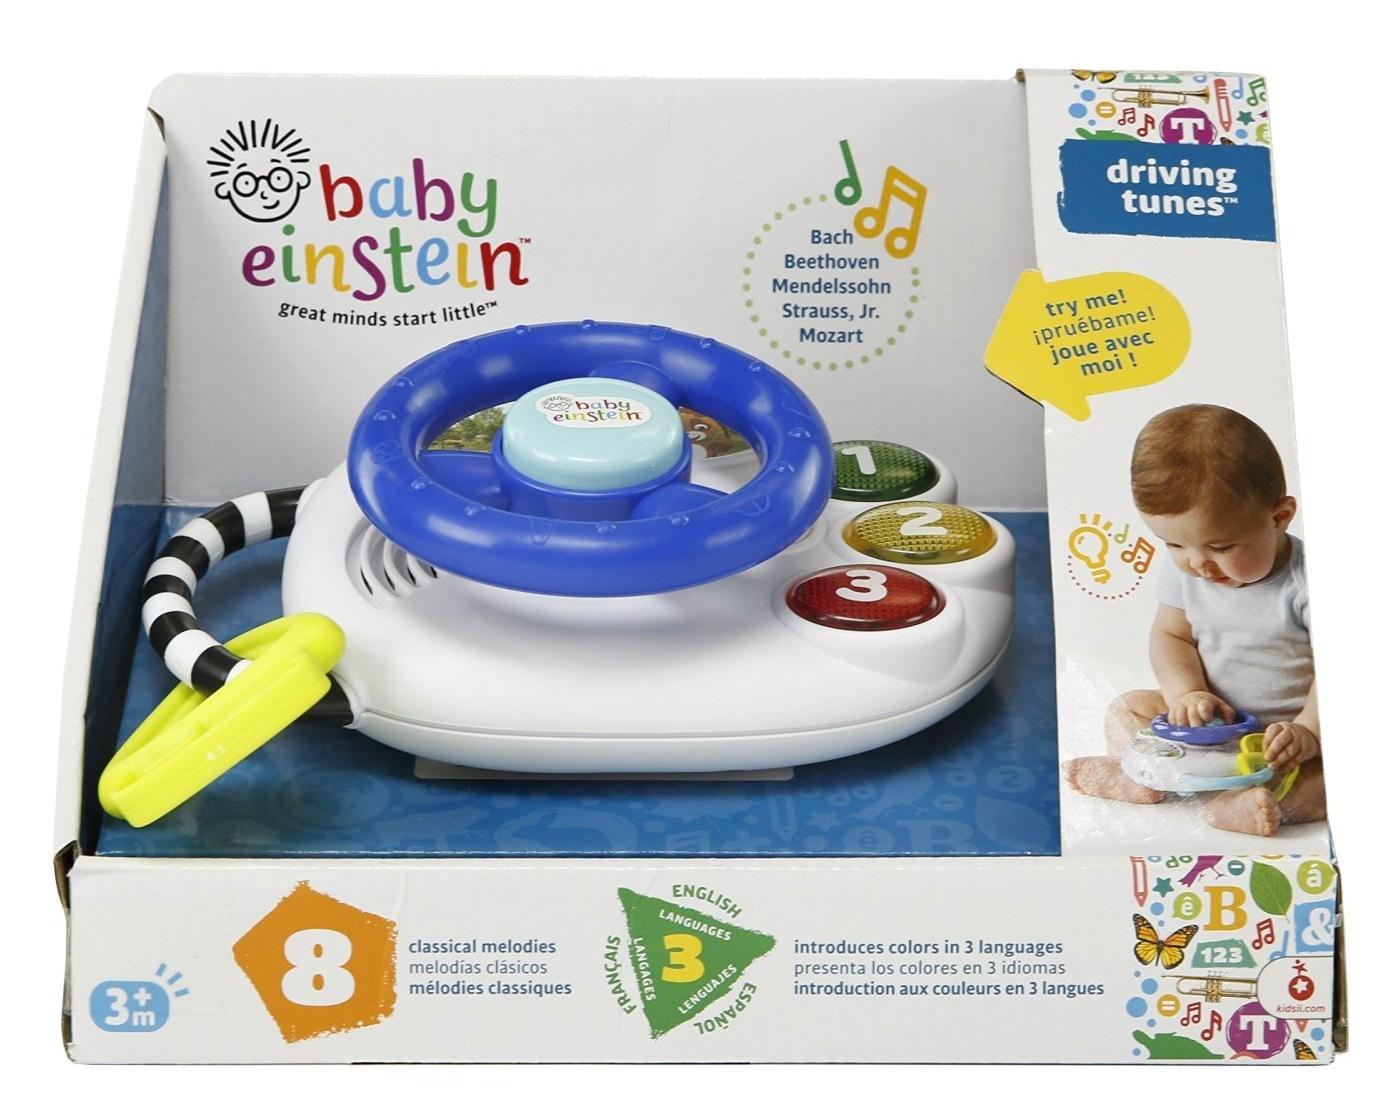 Baby Einstein Musical Toys : Buy baby einstein driving tunes musical toy at mighty